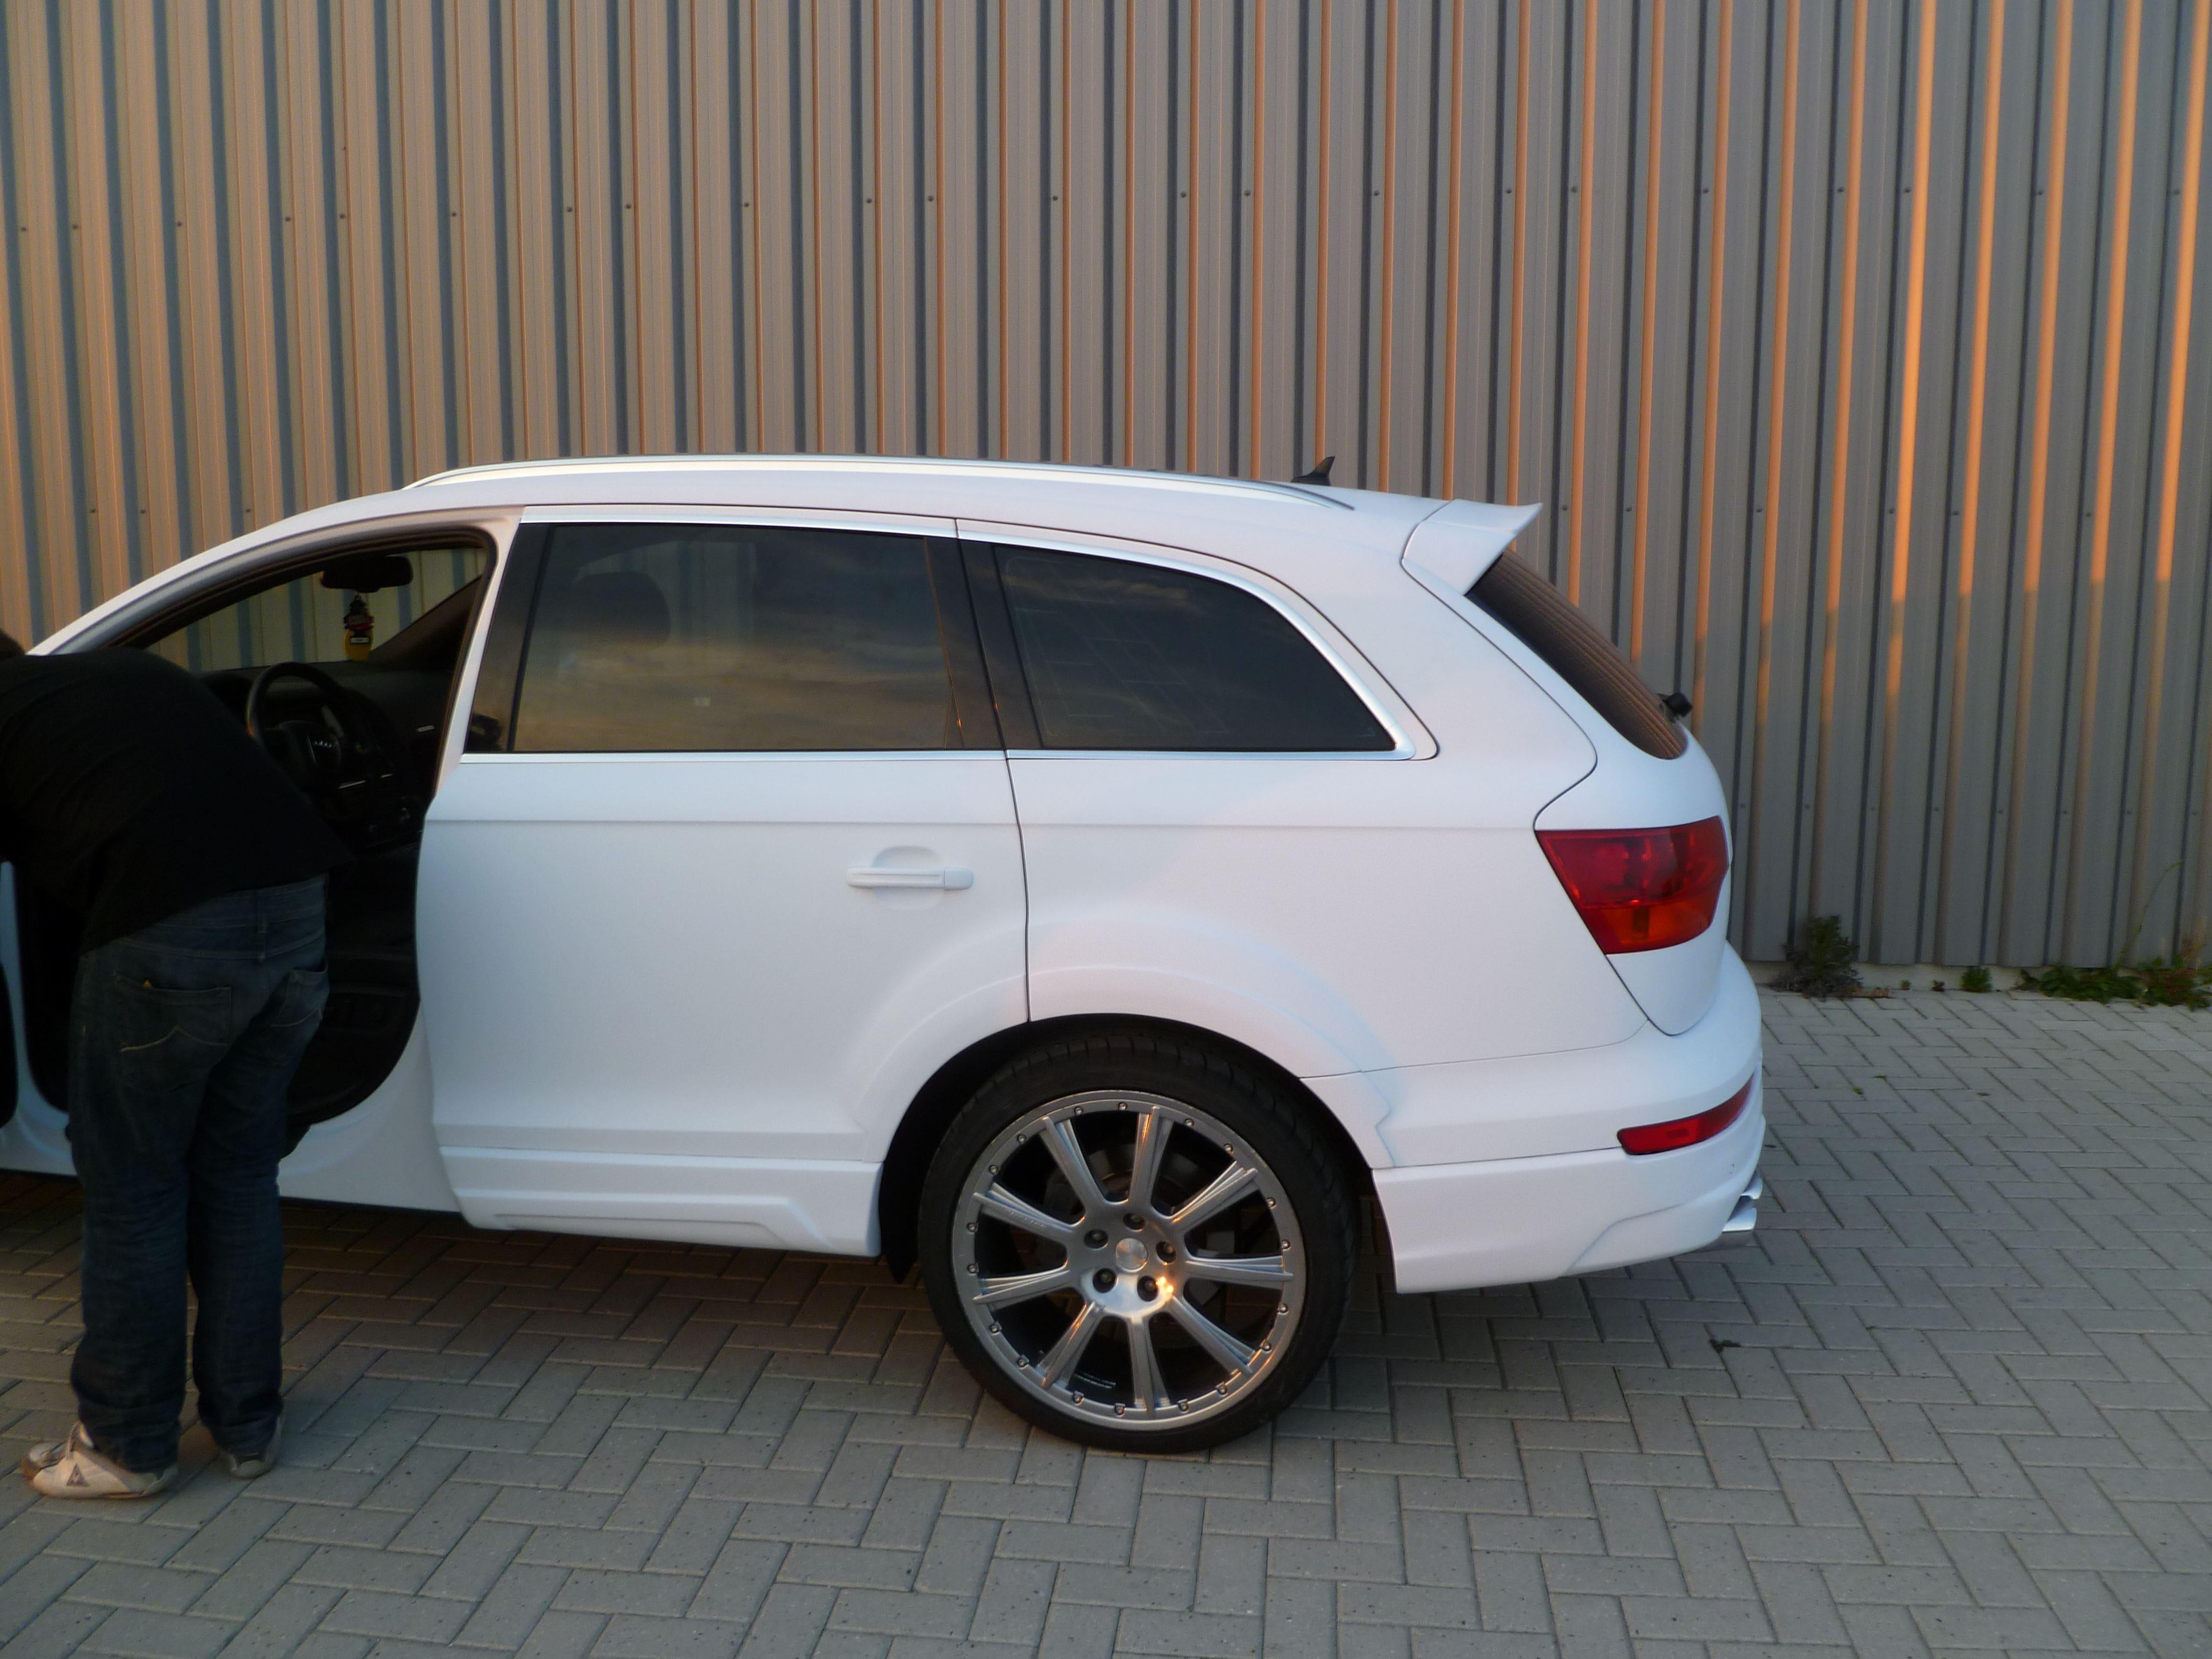 Audi Q7 met Mat Witte Wrap, Carwrapping door Wrapmyride.nu Foto-nr:5033, ©2021